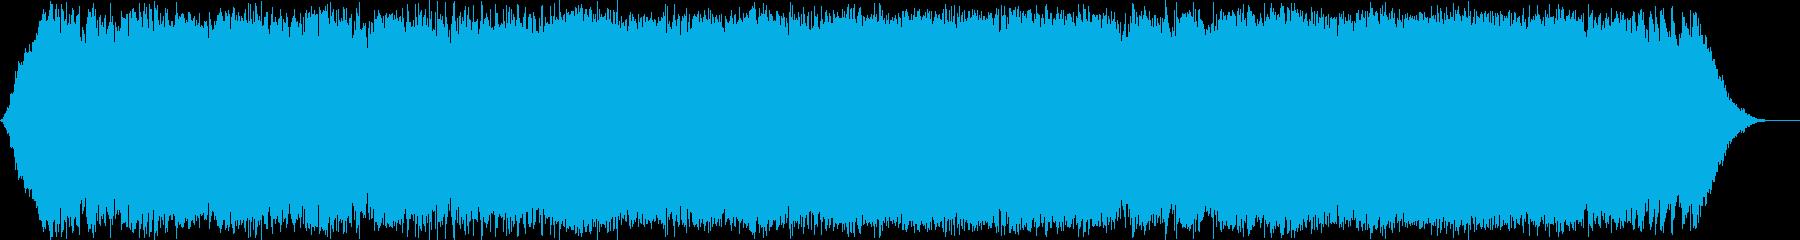 ダークファンタジーオーケストラ戦闘曲52の再生済みの波形